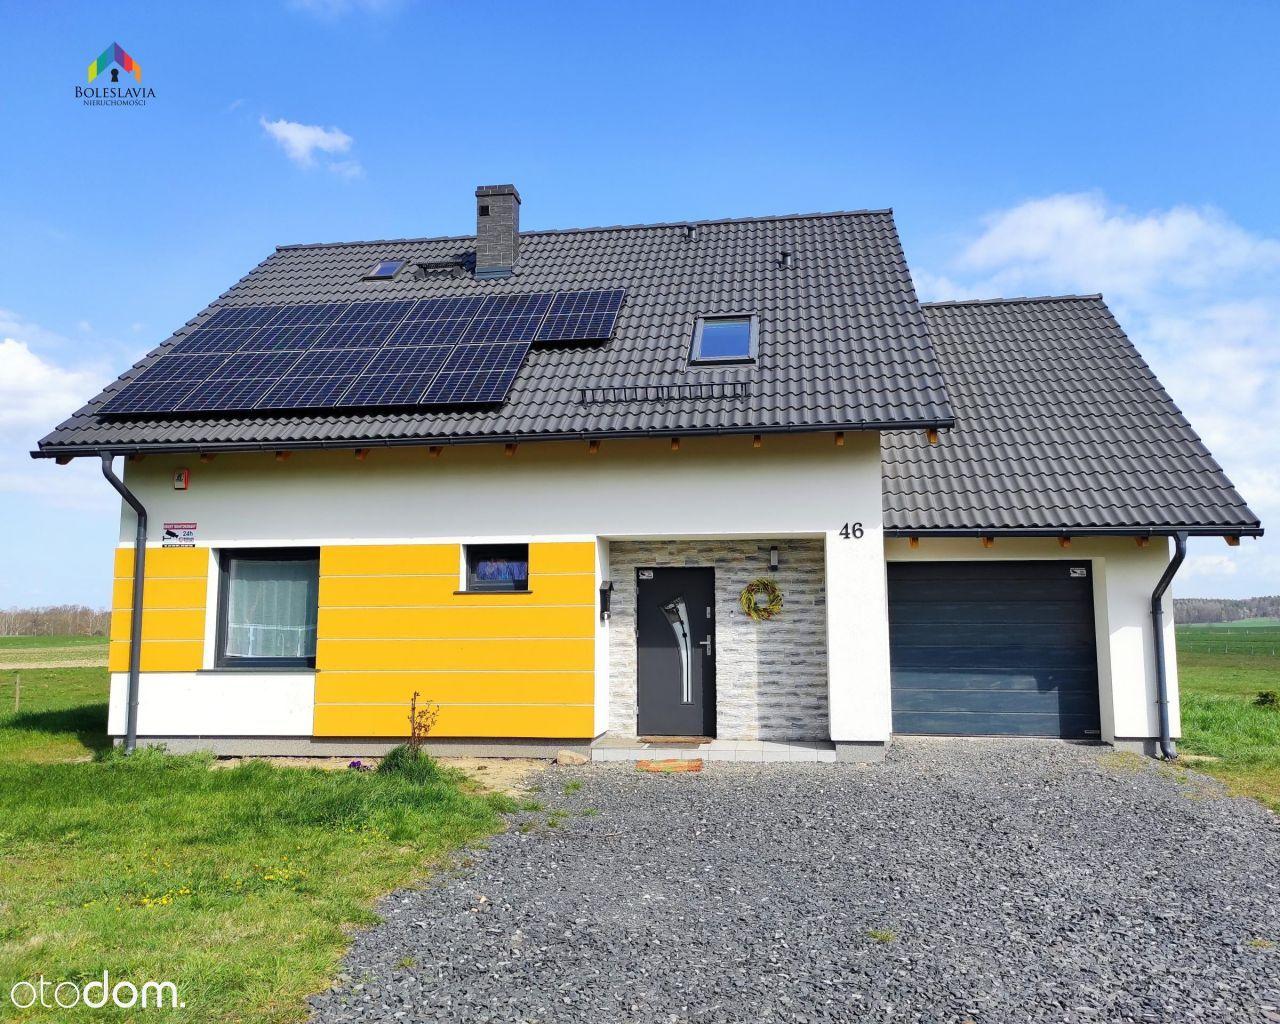 Dom w którym chcesz zamieszkać